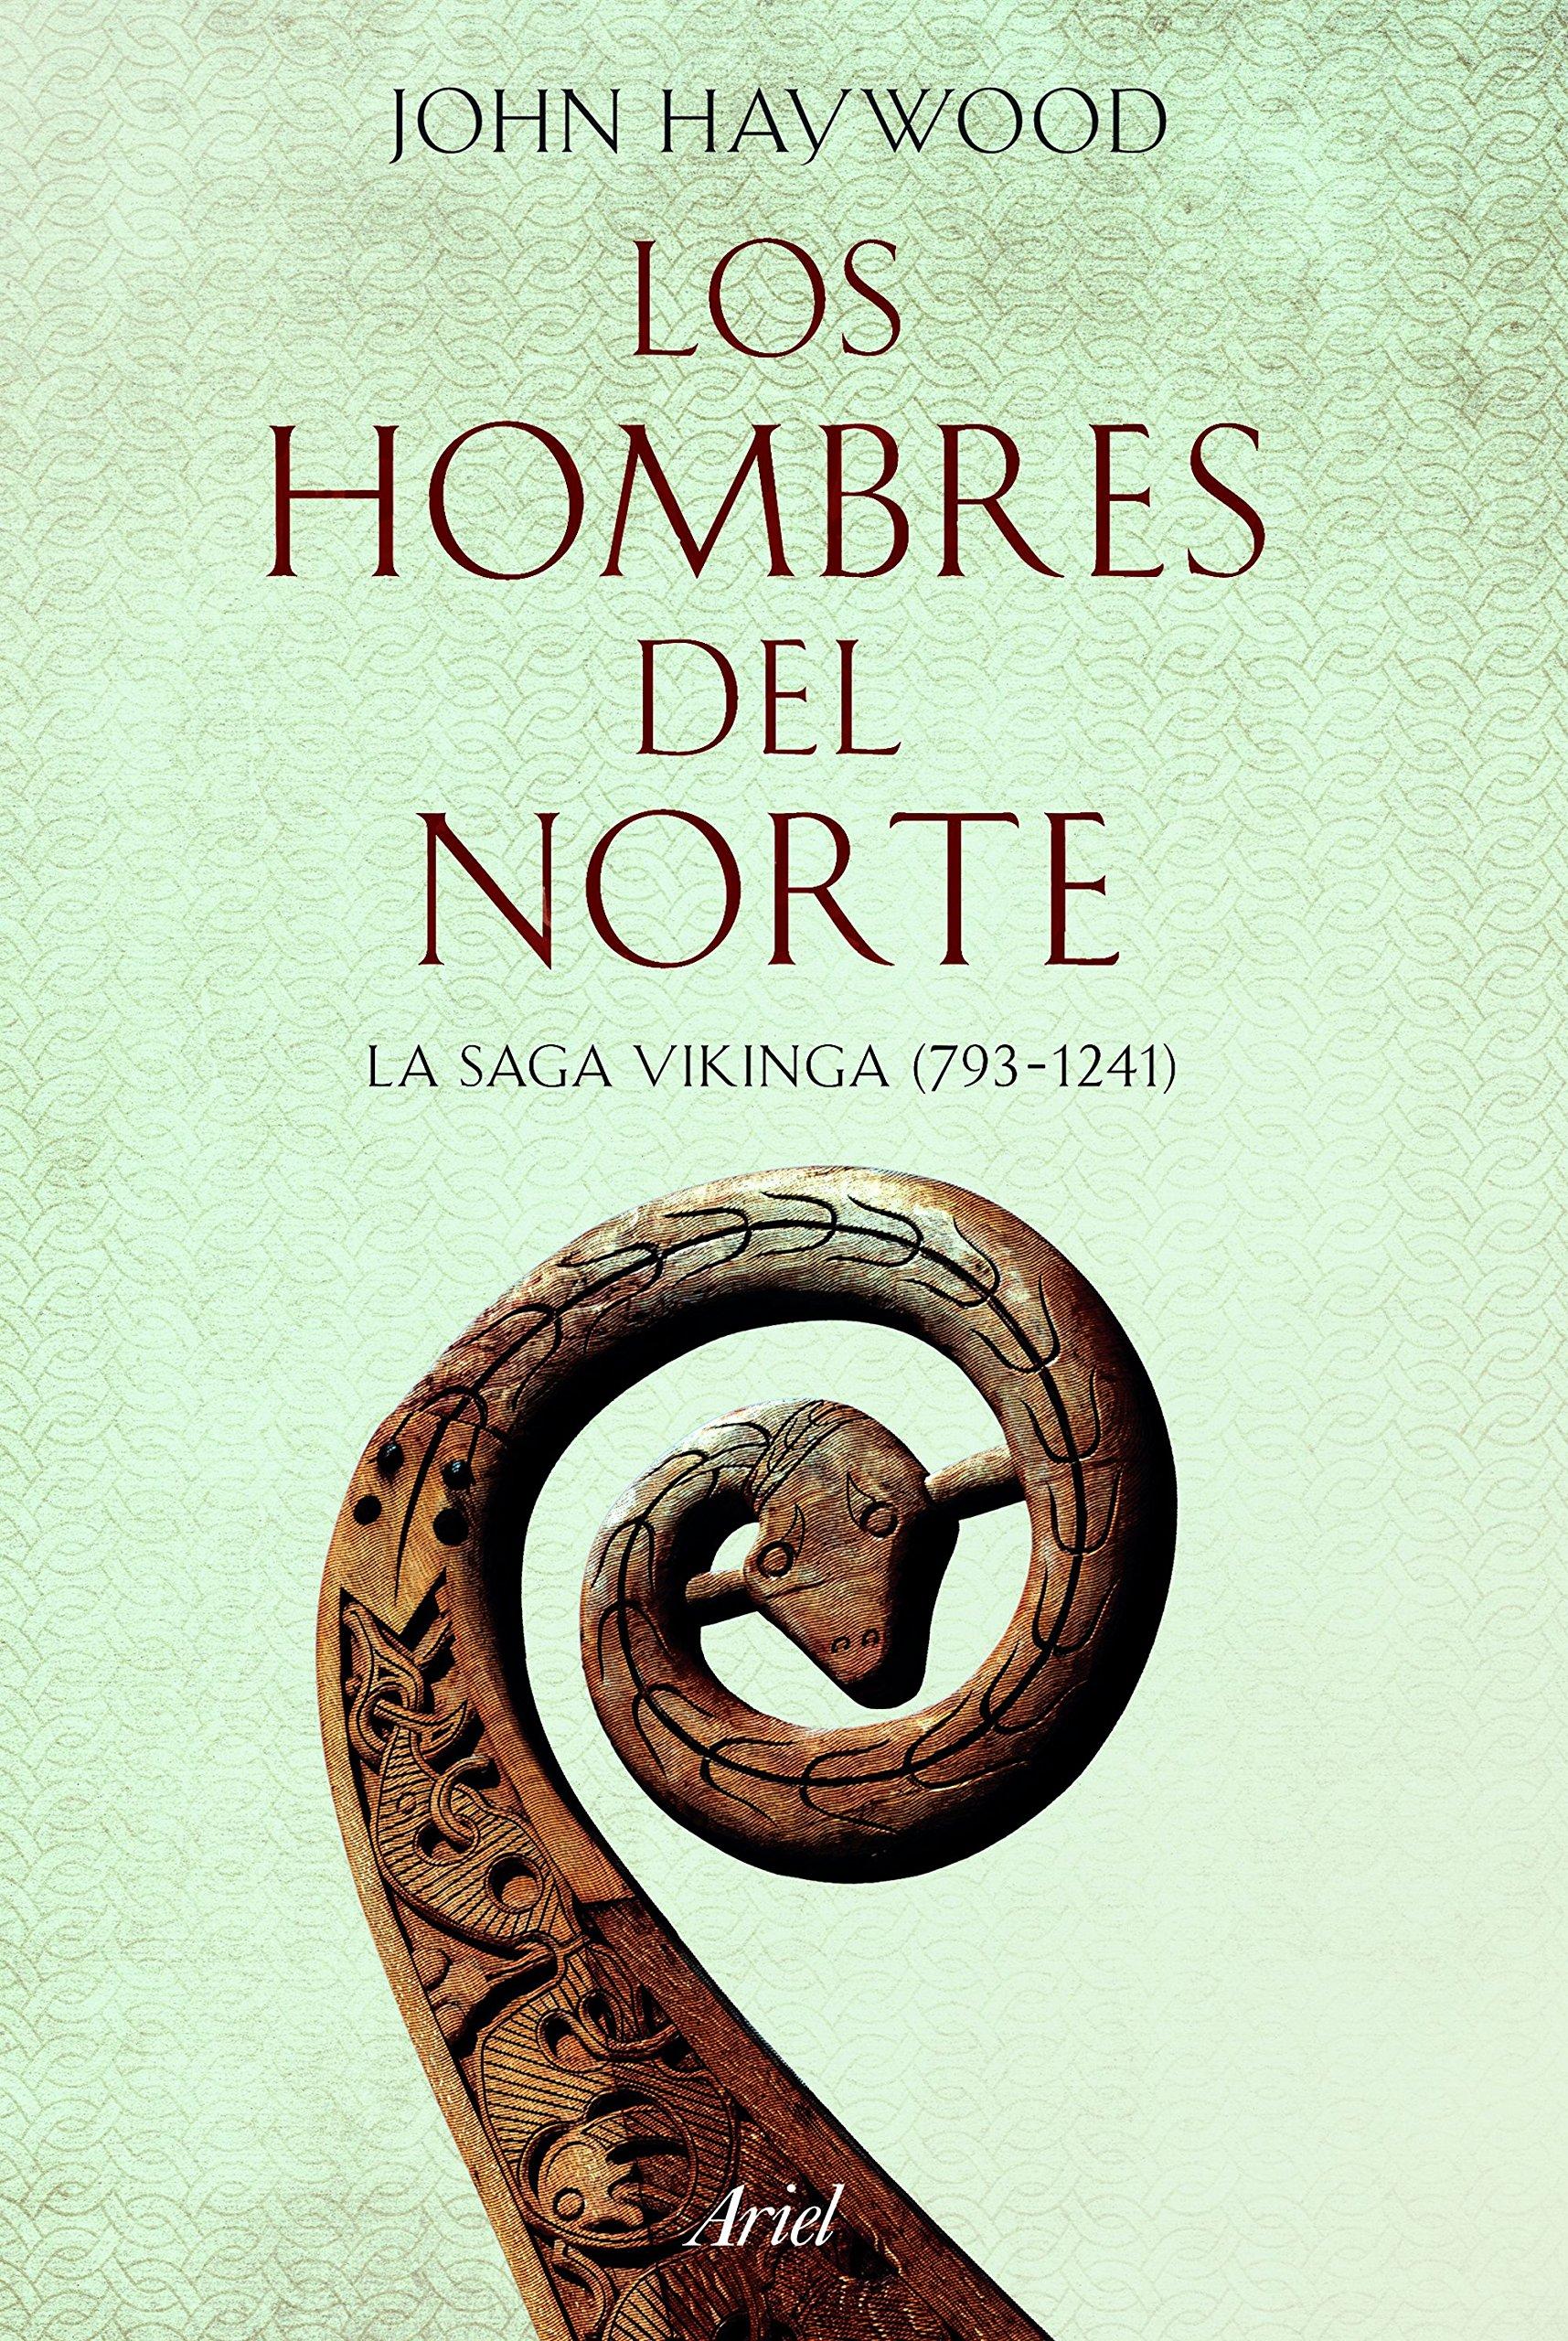 Los hombres del Norte: La saga vikinga 793-1241 Ariel Historia: Amazon.es: Haywood, John, García Lorenzana, Francisco: Libros